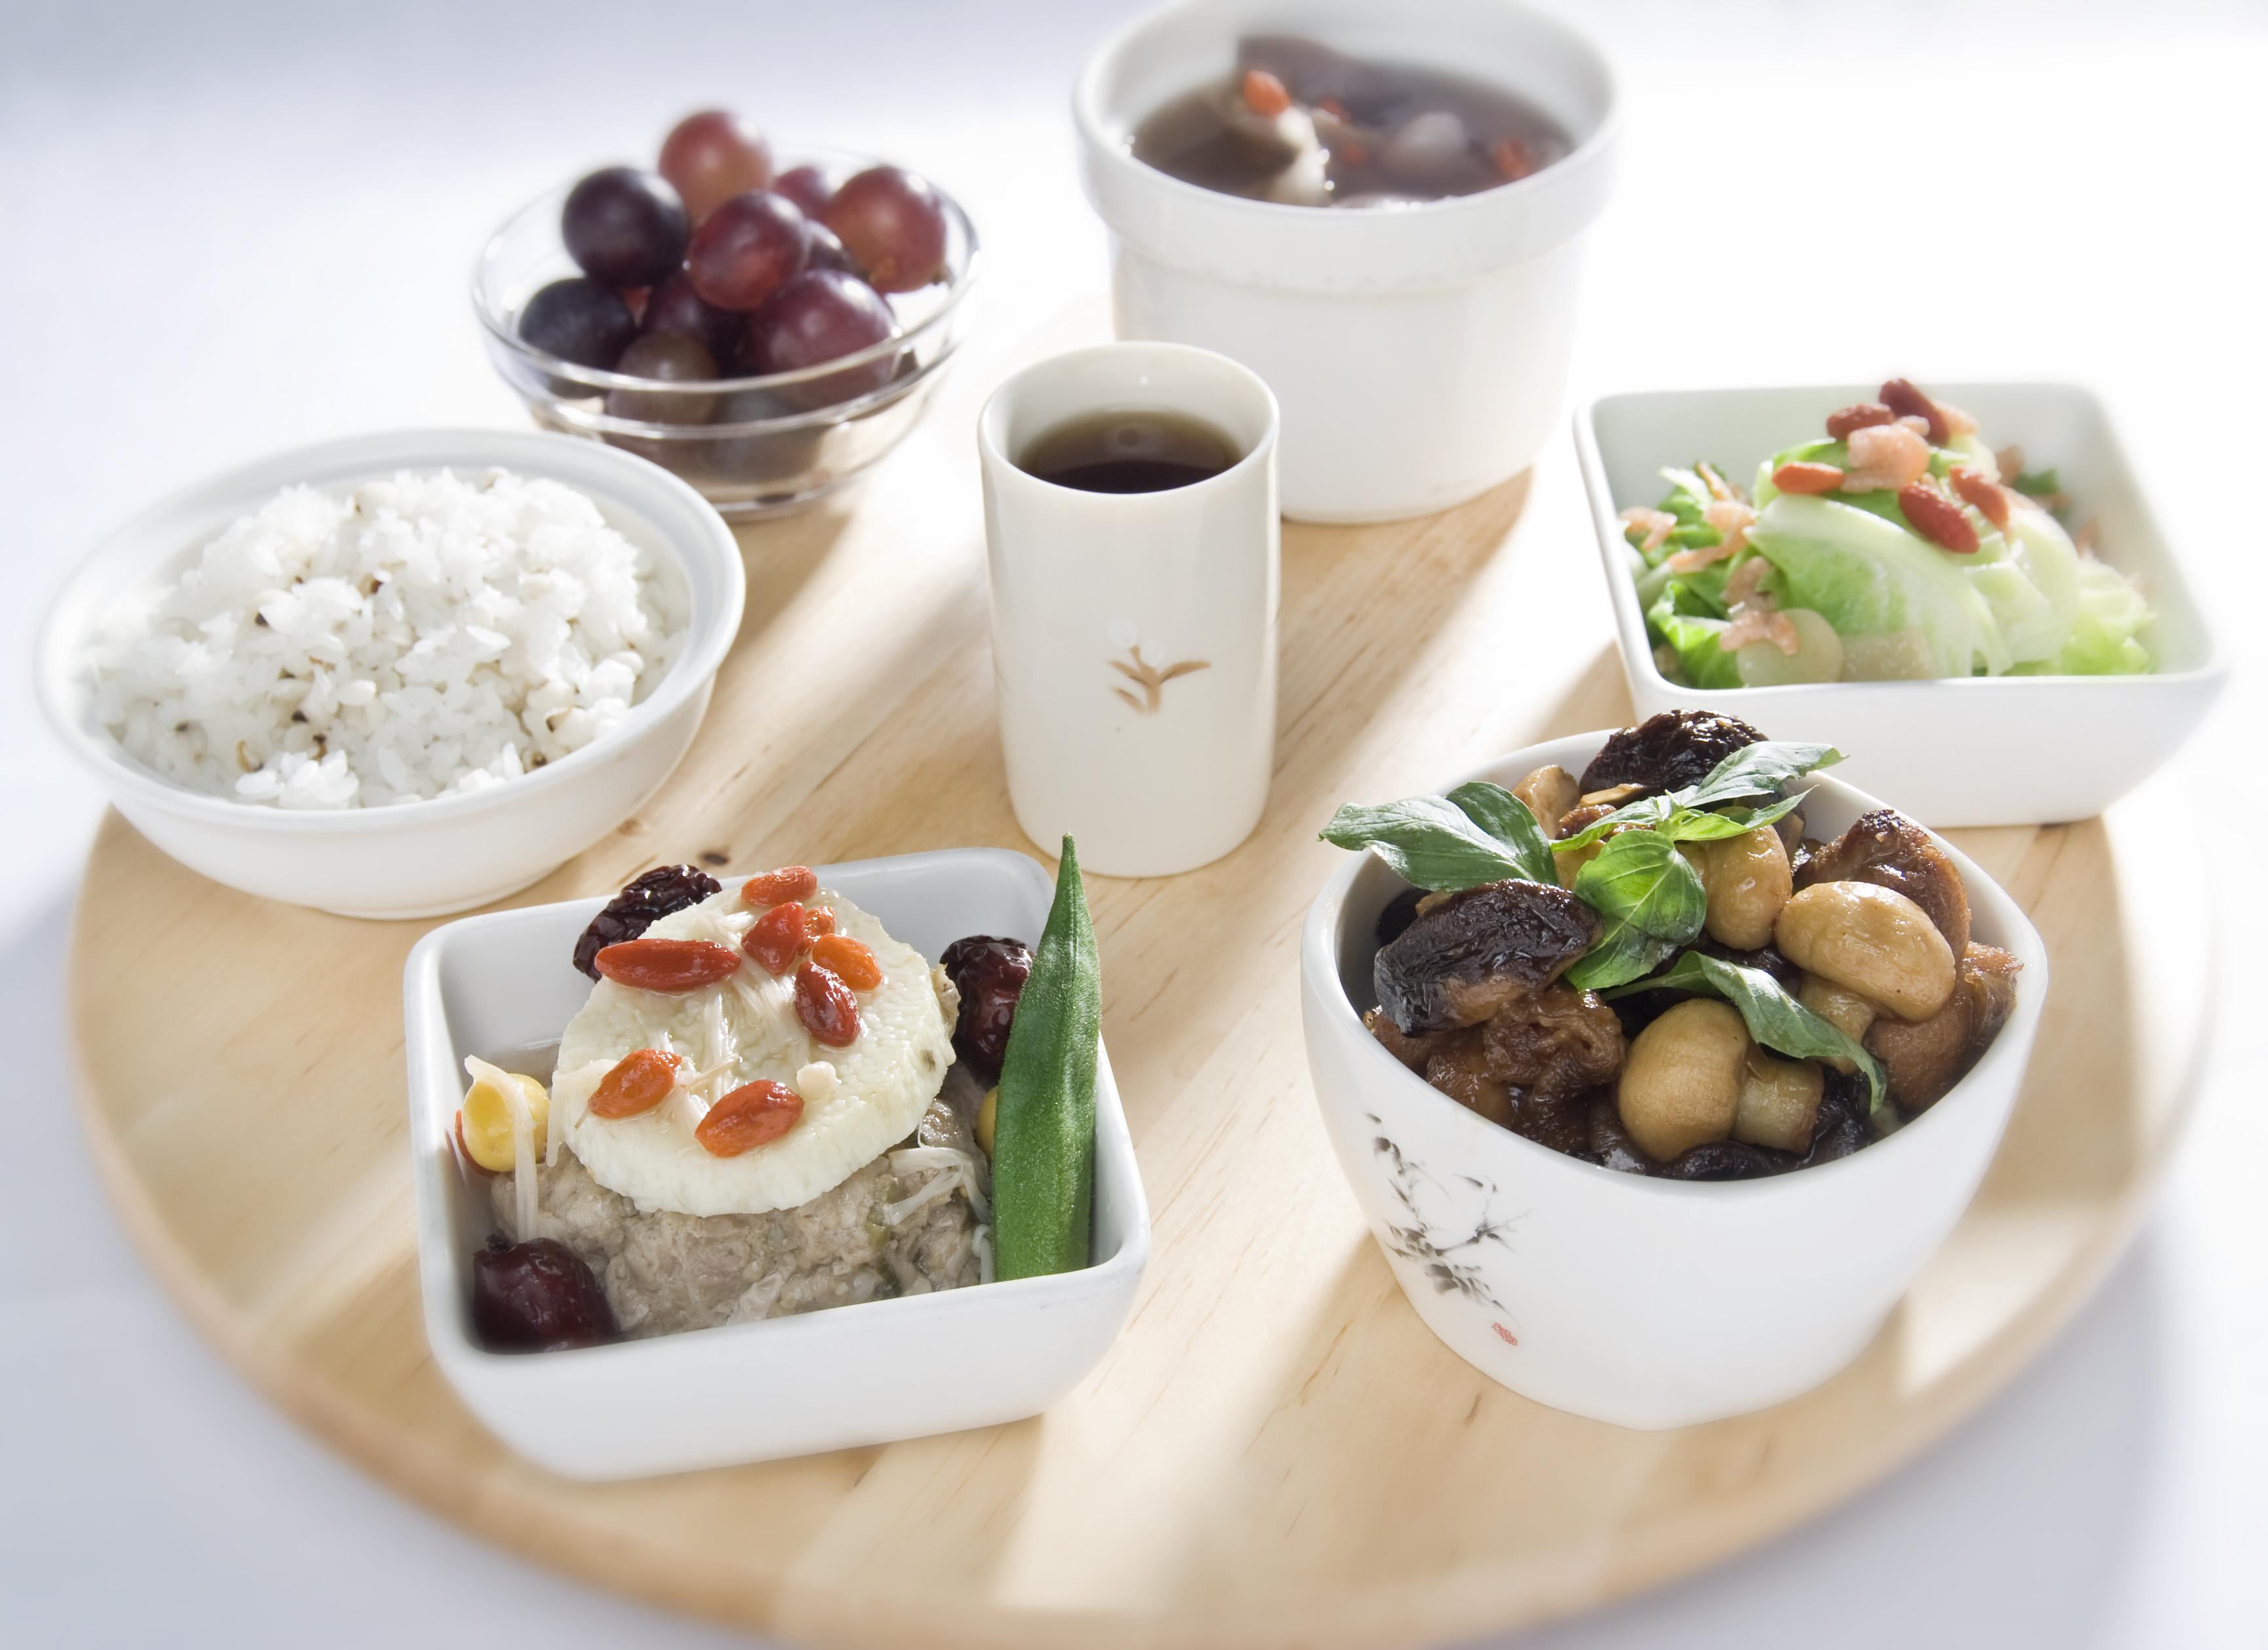 由永康街呂桑食堂進駐,每日現做餐點,非中央廚房食品微波加熱。料理皆由營養師精心搭配,讓媽媽能夠均衡補充營養,並提供養肝茶等多樣特調飲品。